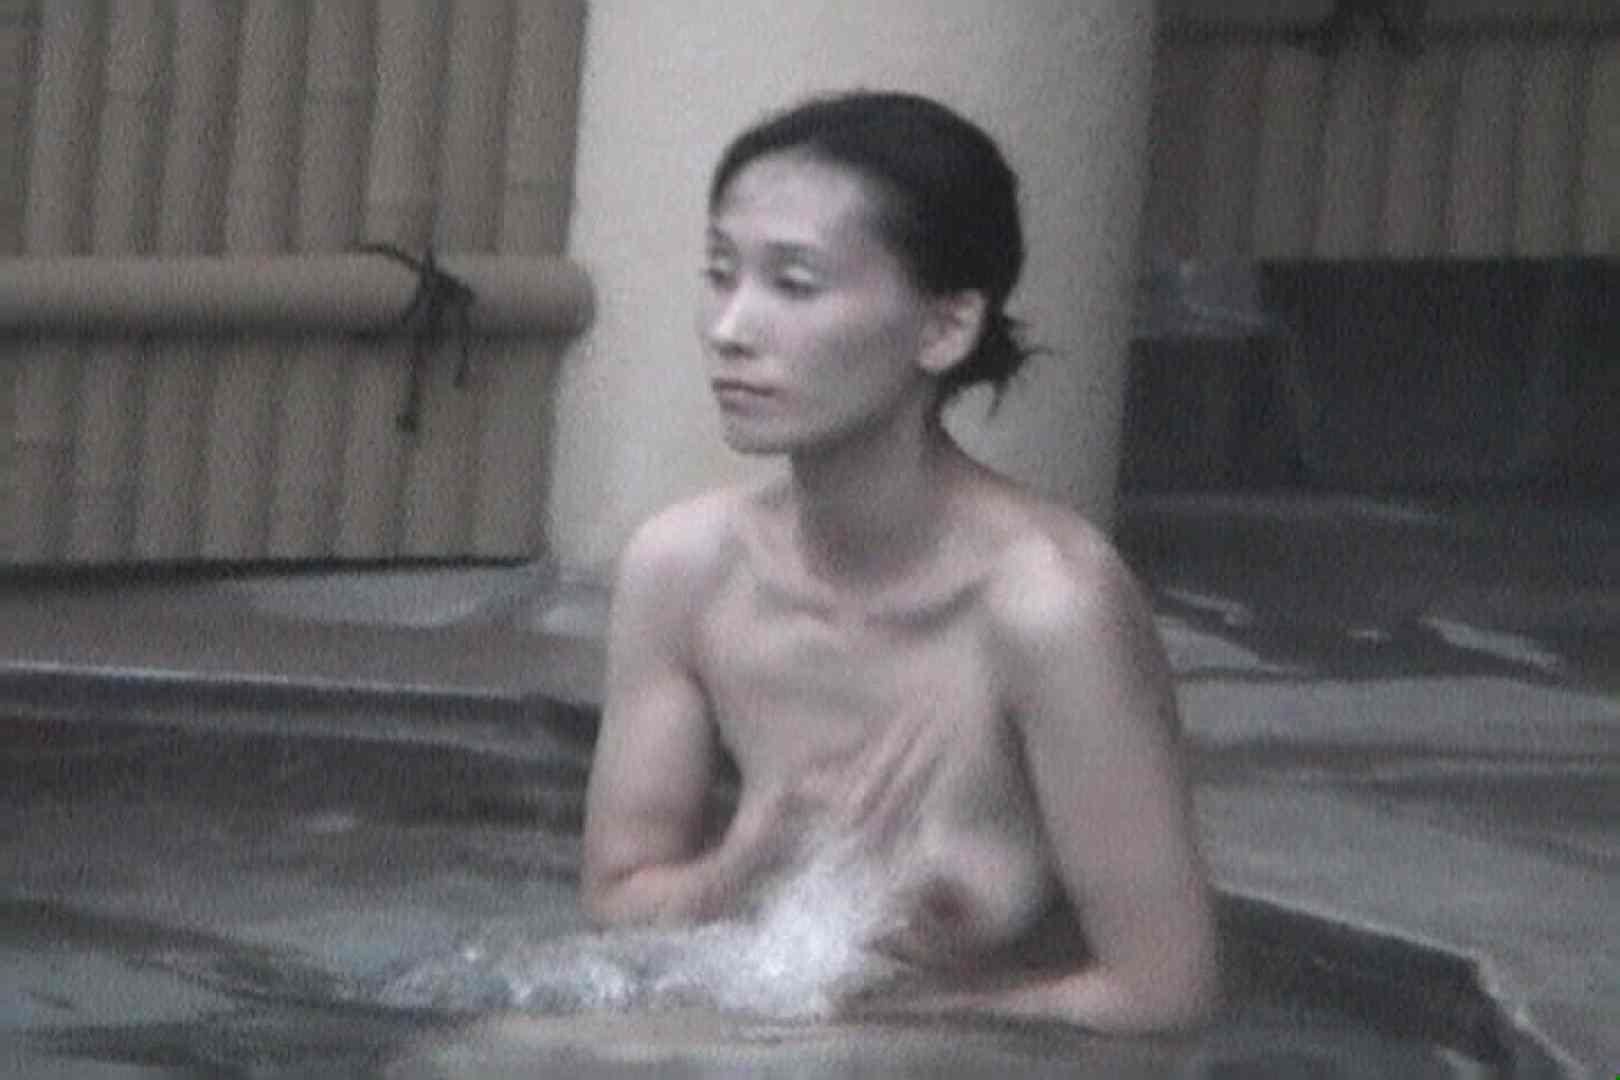 Aquaな露天風呂Vol.557 綺麗なOLたち | 盗撮  78枚 4